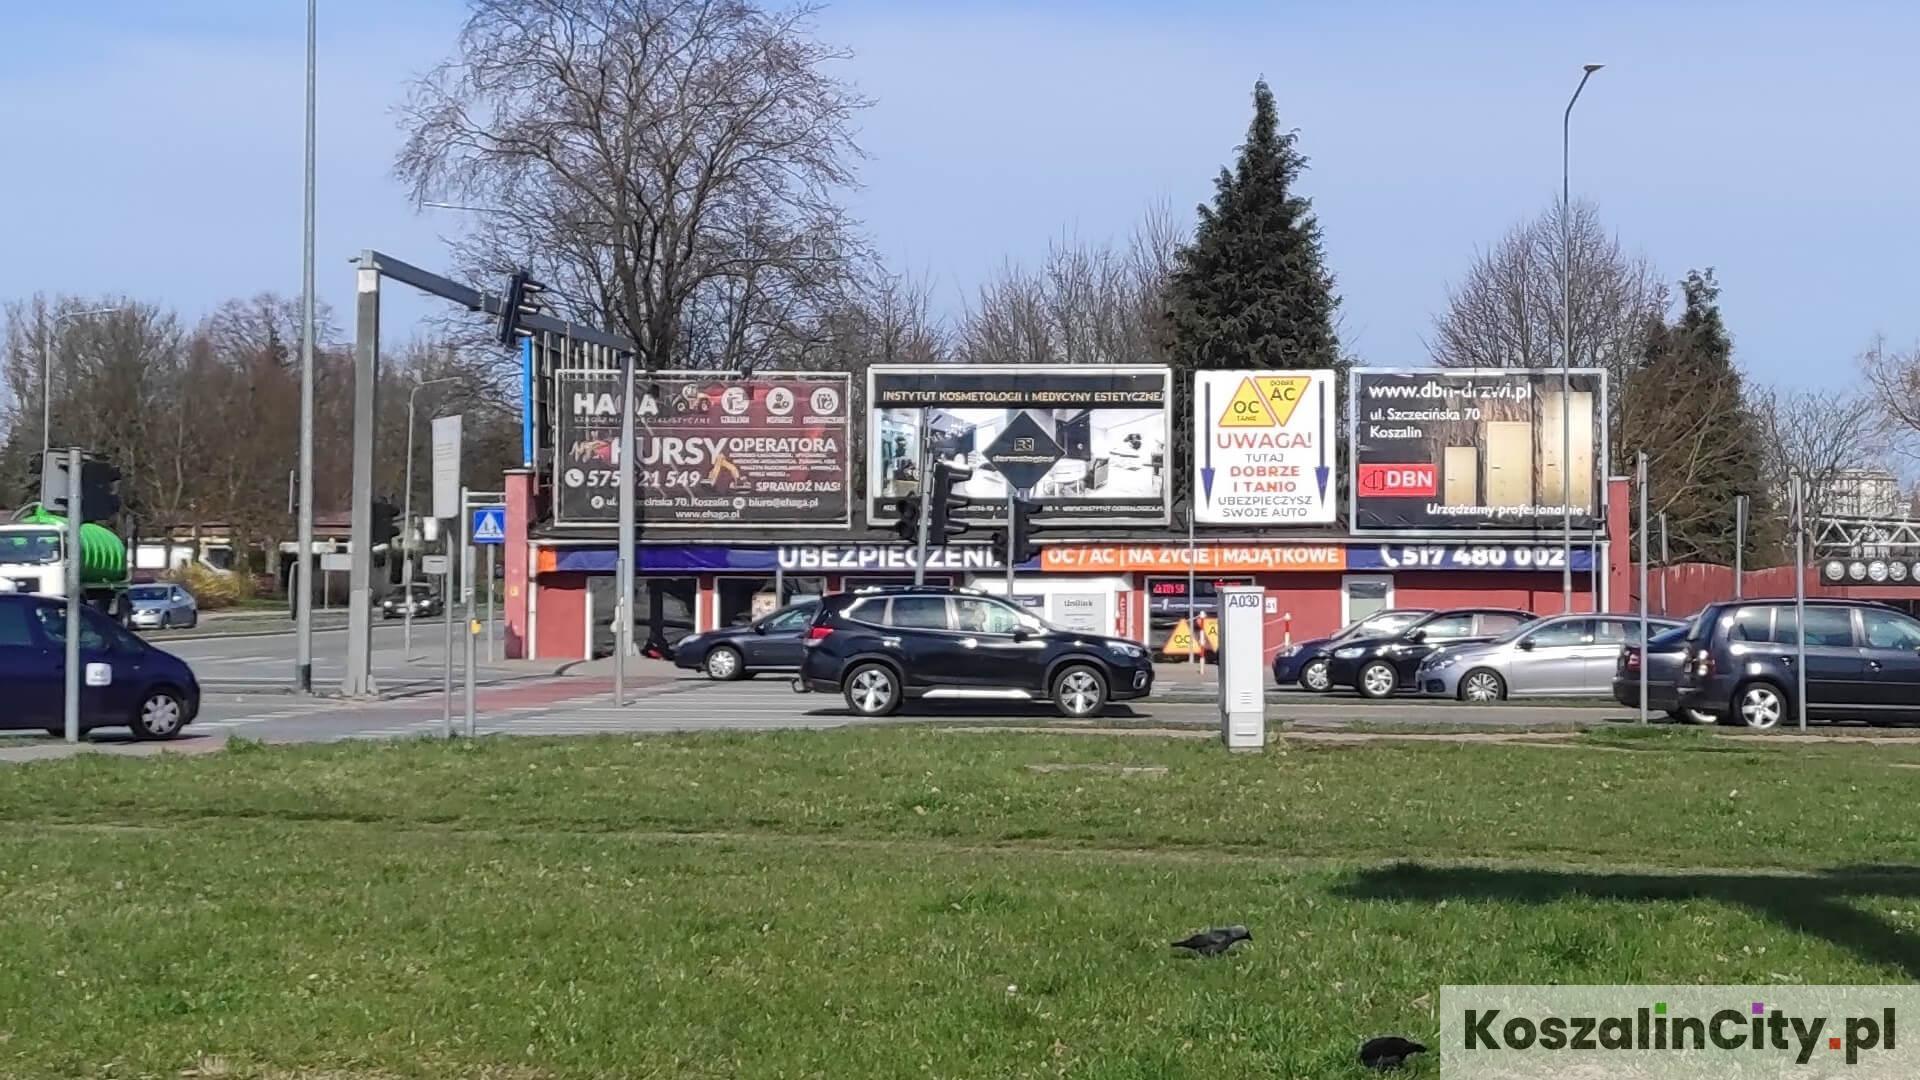 Billboardy reklamowe przy ul. 4 Marca w Koszalinie